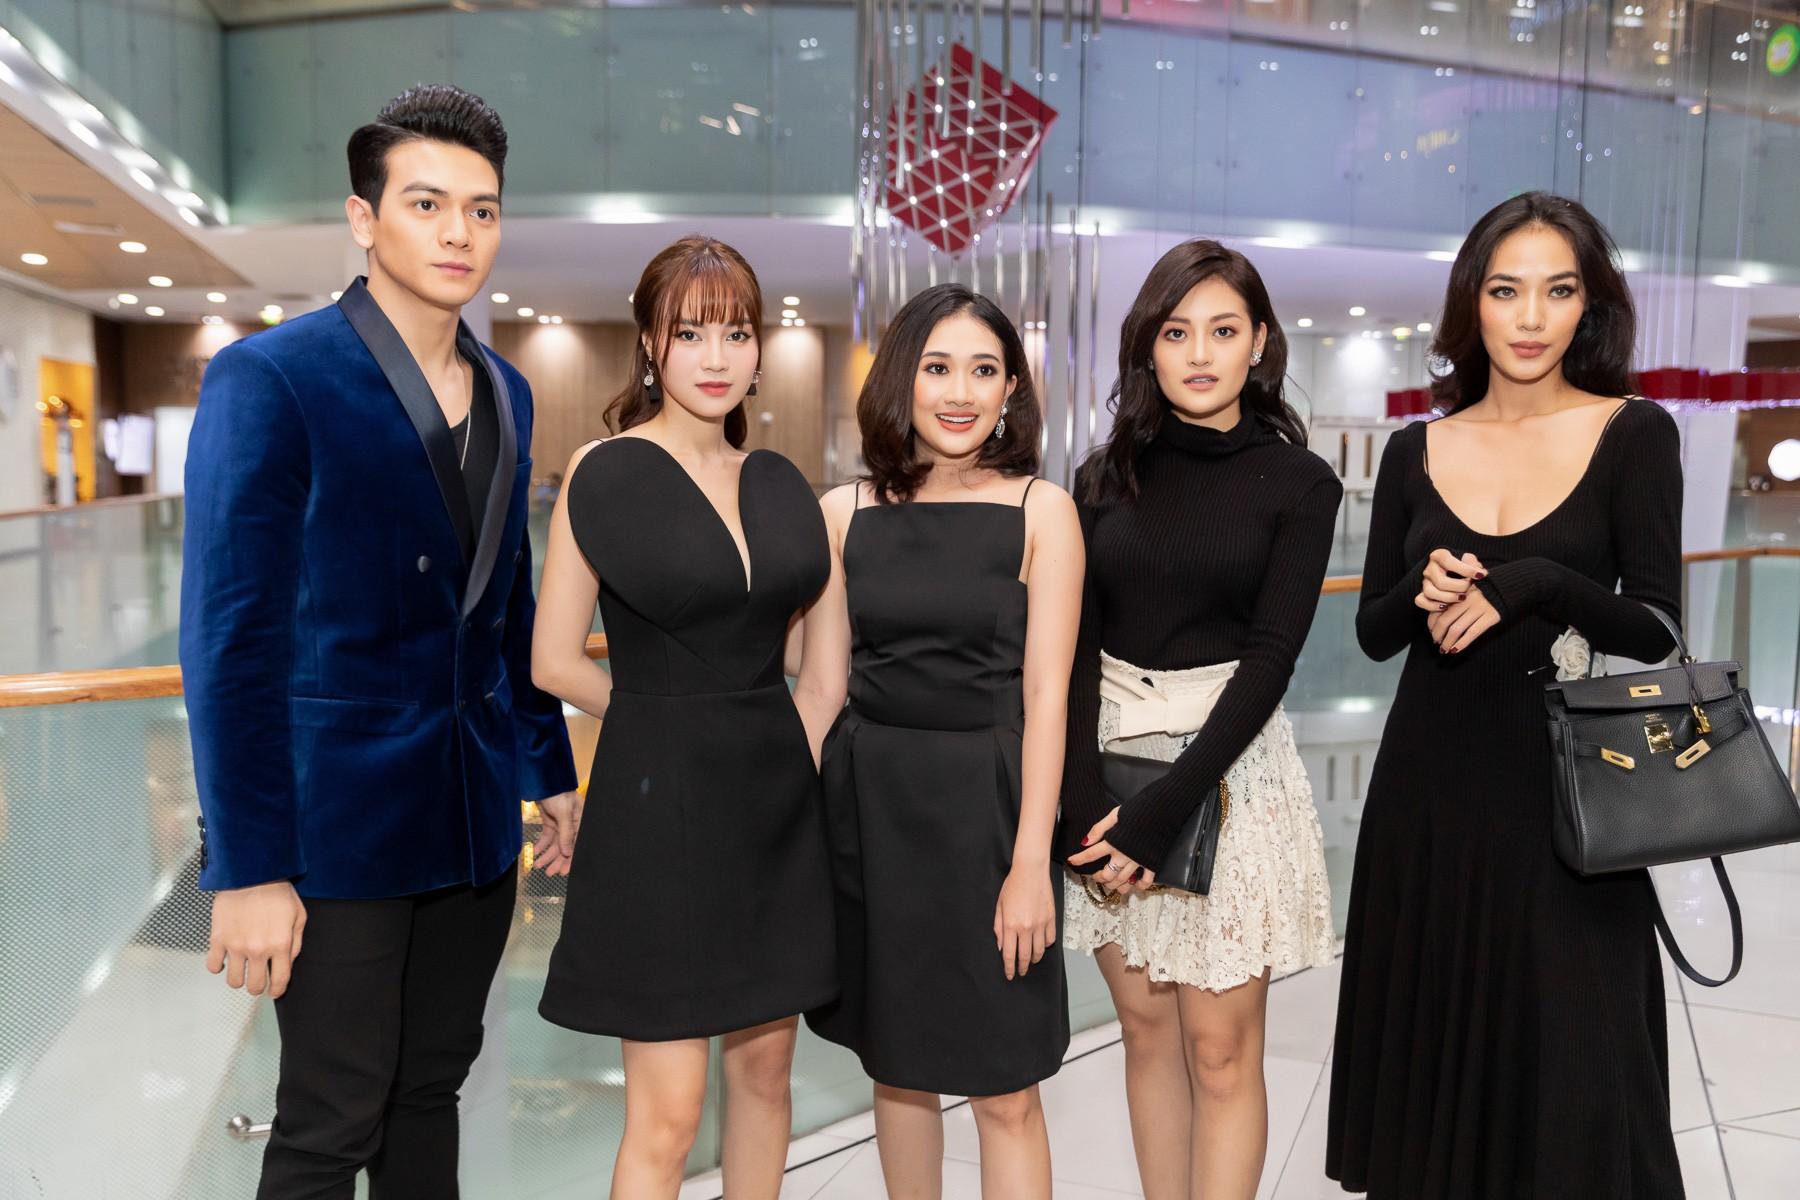 Dàn sao Gái Già Lắm Chiêu 2 bất ngờ gây náo loạn sàn catwalk, chinh phục công chúng bằng BTS ấn tượng của Lâm Gia Khang - Ảnh 5.